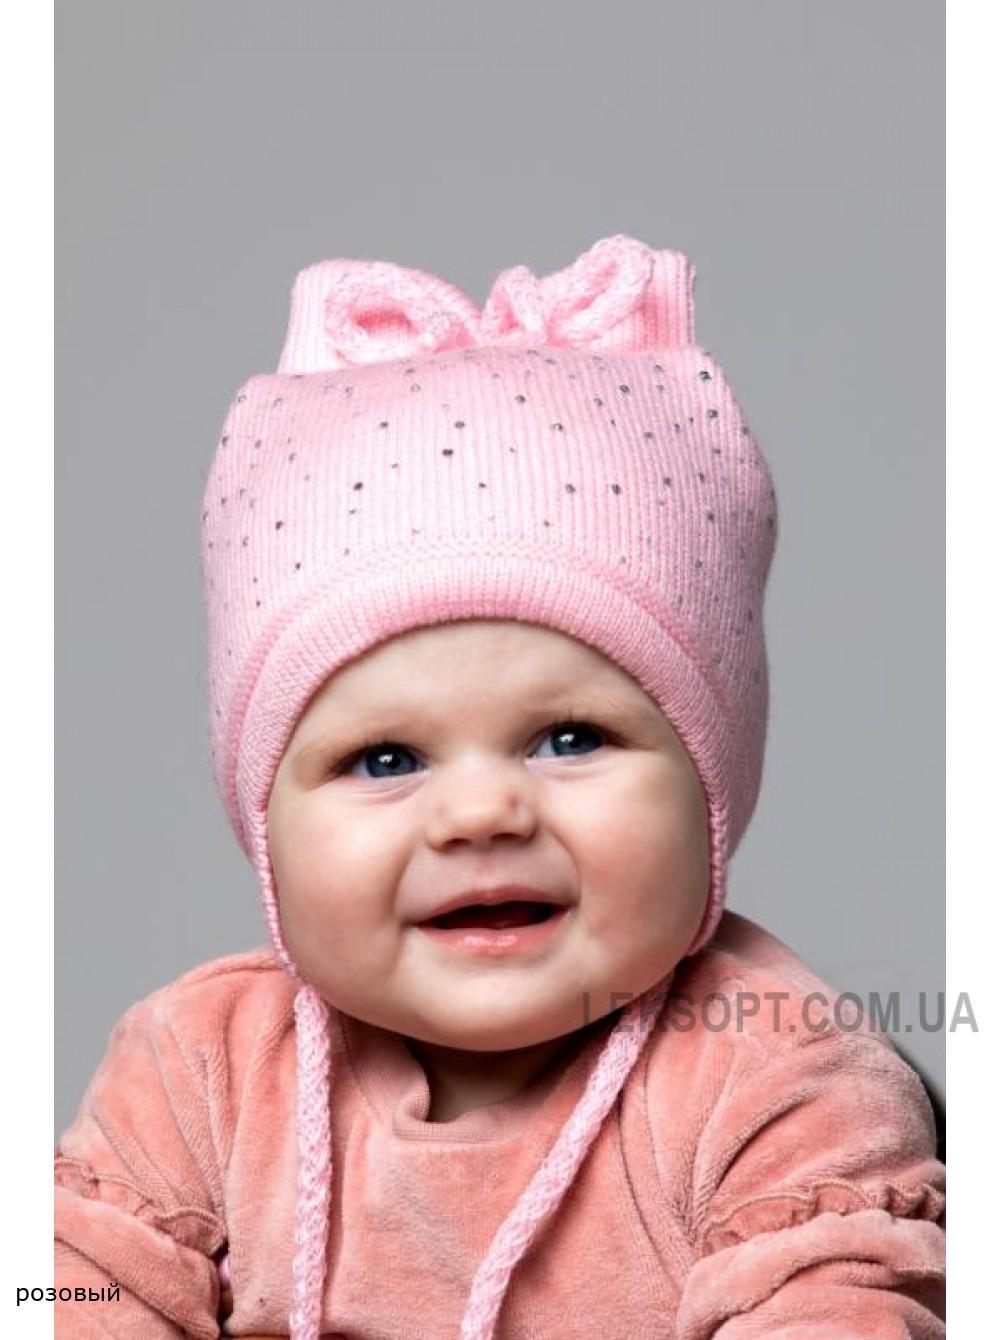 Детская вязаная шапка Блеск D77432-40-44